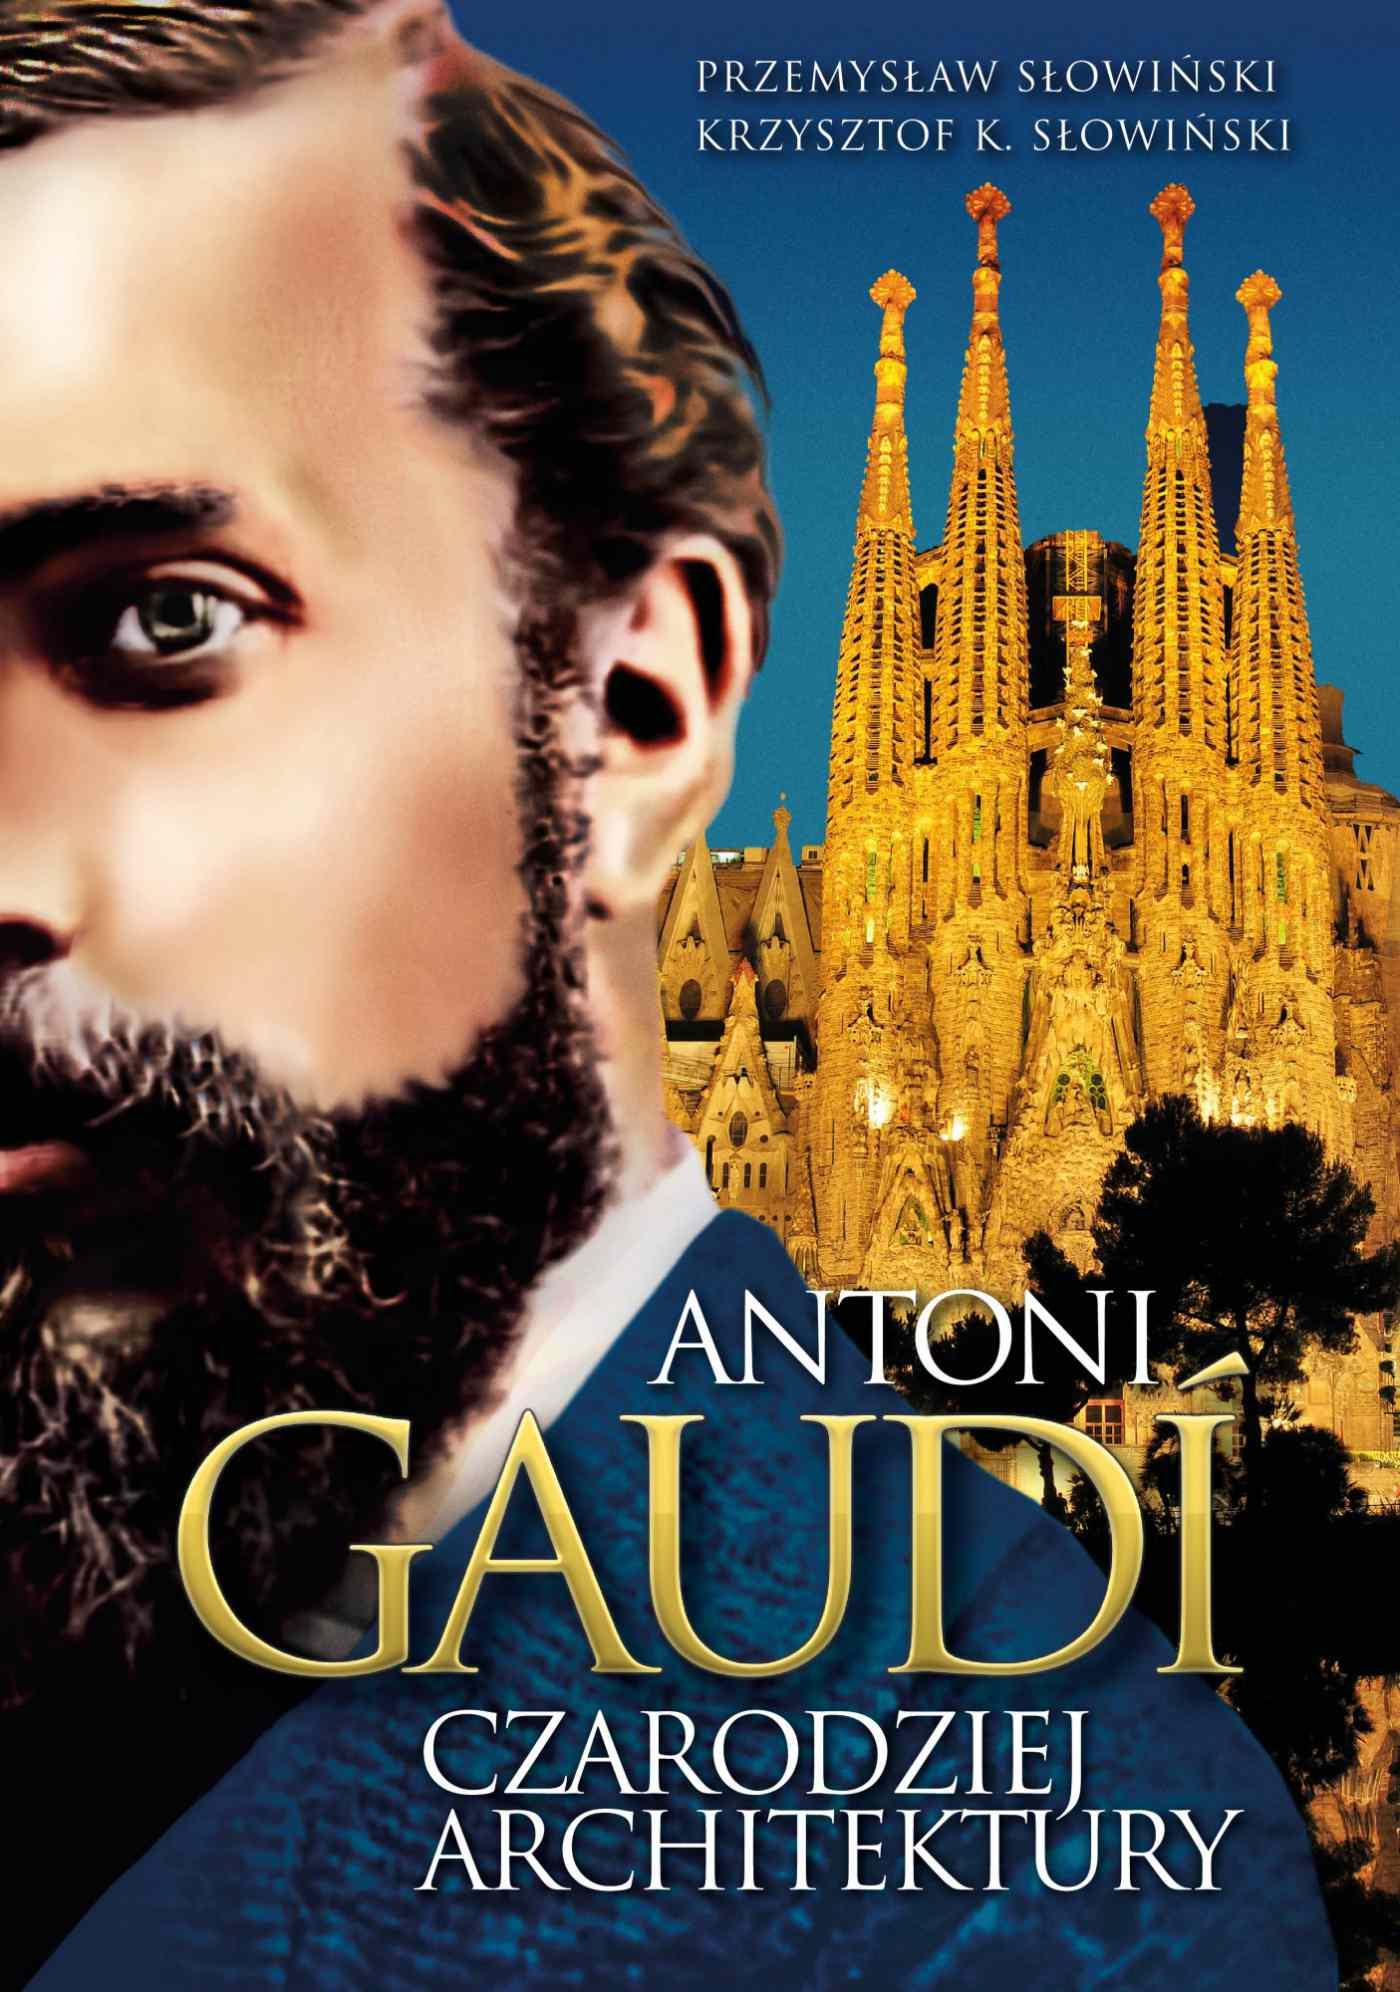 Antoni Gaudi. Czarodziej architektury - Ebook (Książka EPUB) do pobrania w formacie EPUB